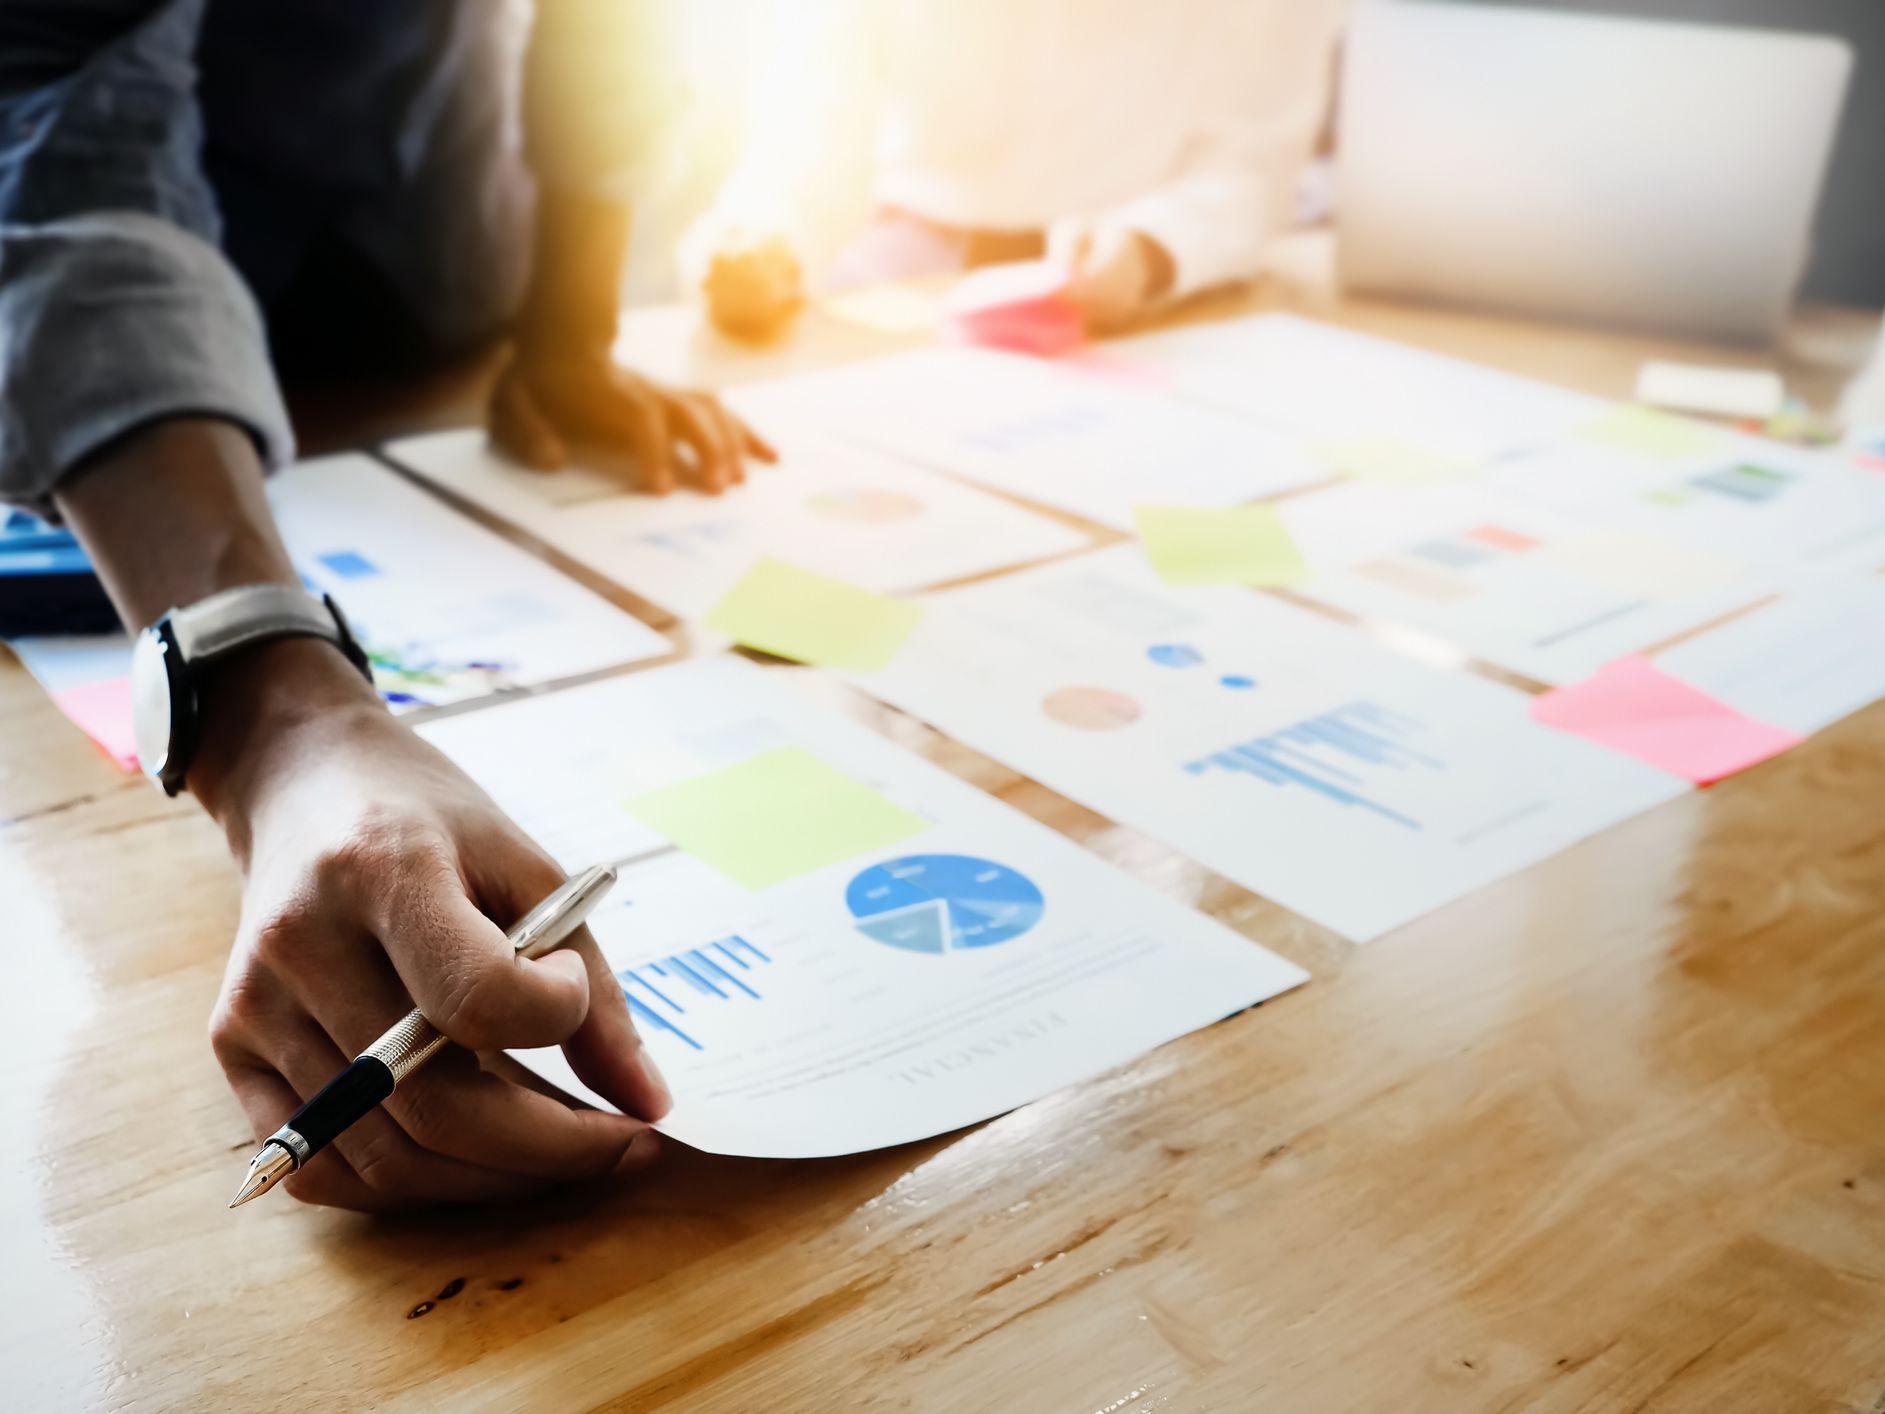 Bảy bước để thành công trên hành trình đầu tư